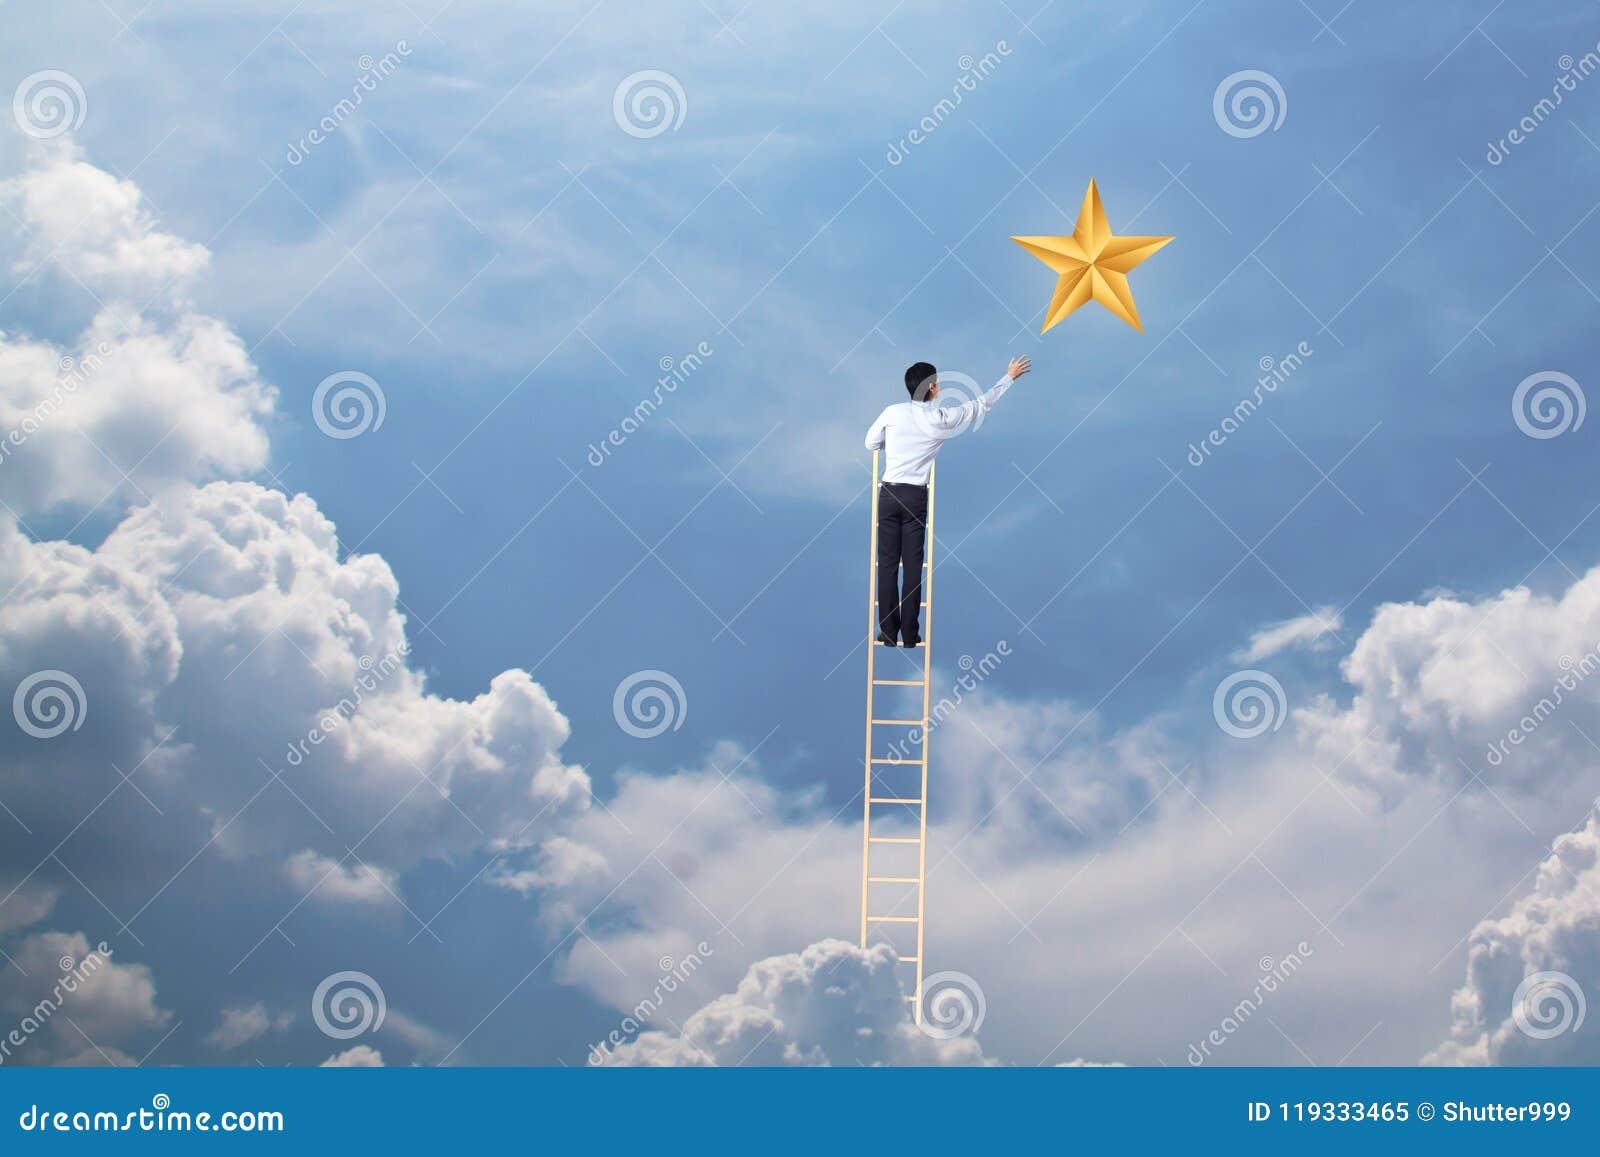 Бизнесмен взбирается вверх на лестнице для достижения концепции звезды, успешных и выигрыша